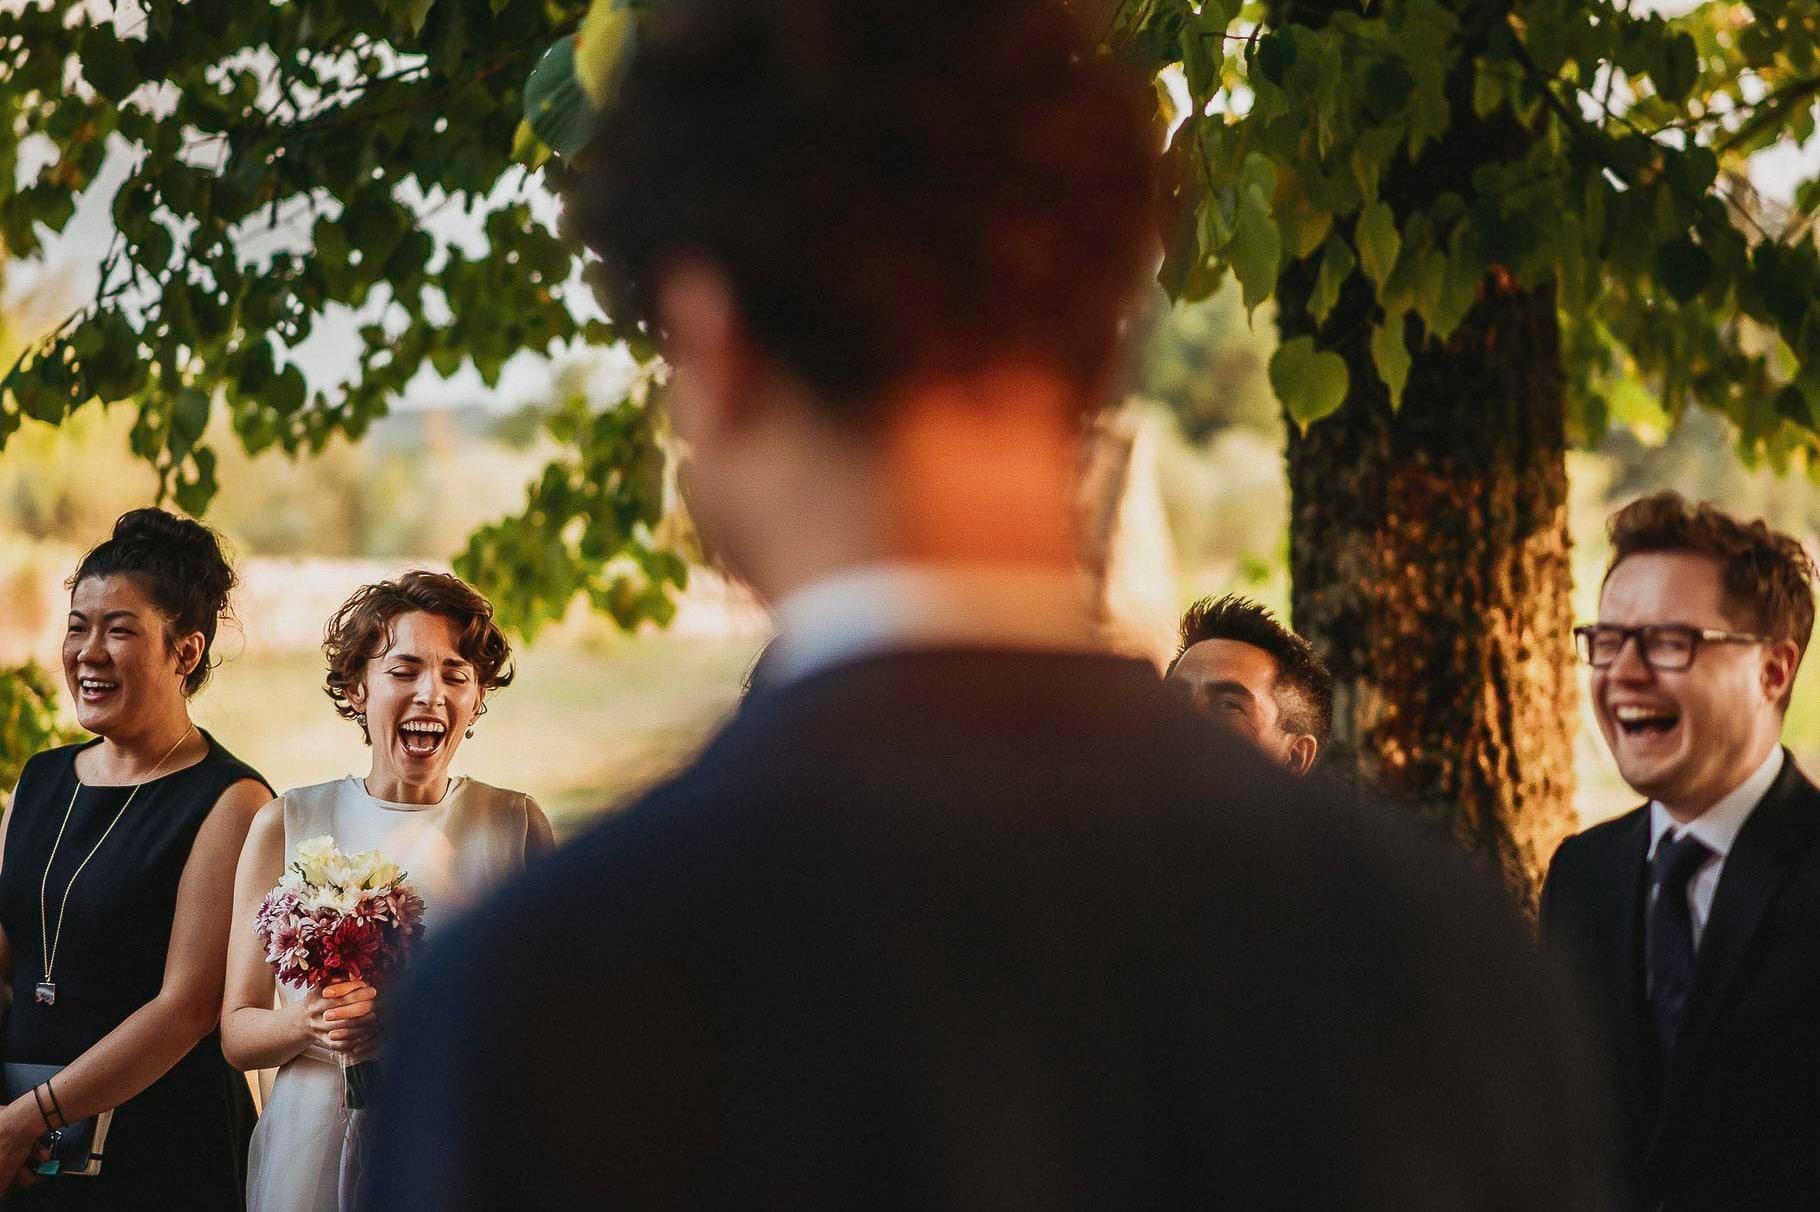 il fotografo di matrimonio in italia ha colto gli sposi e testimoni che ridono durante la cerimonia simbolica di un matrimonio all'aperto